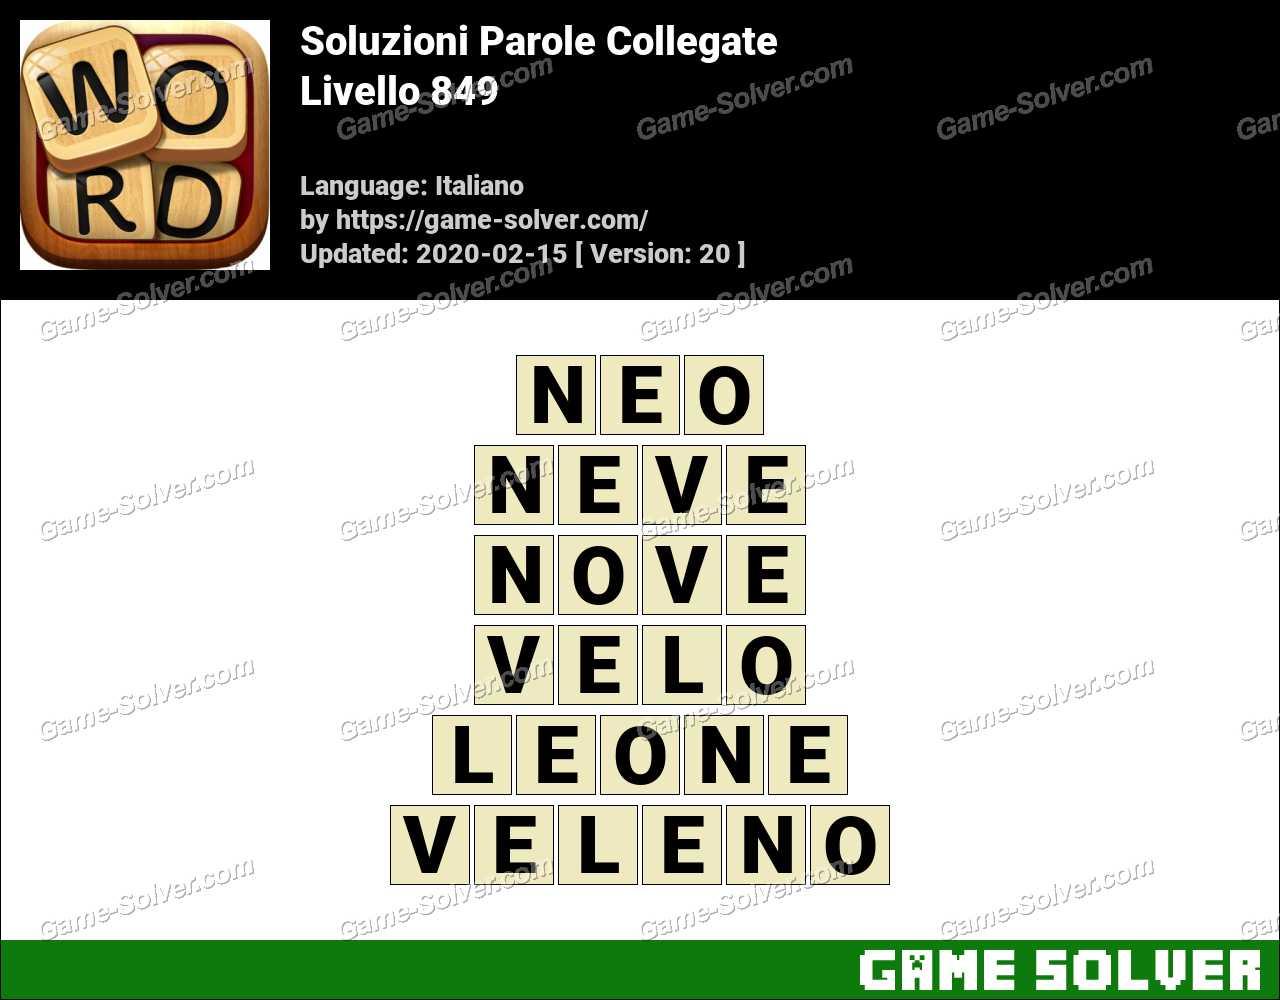 Soluzioni Parole Collegate Livello 849